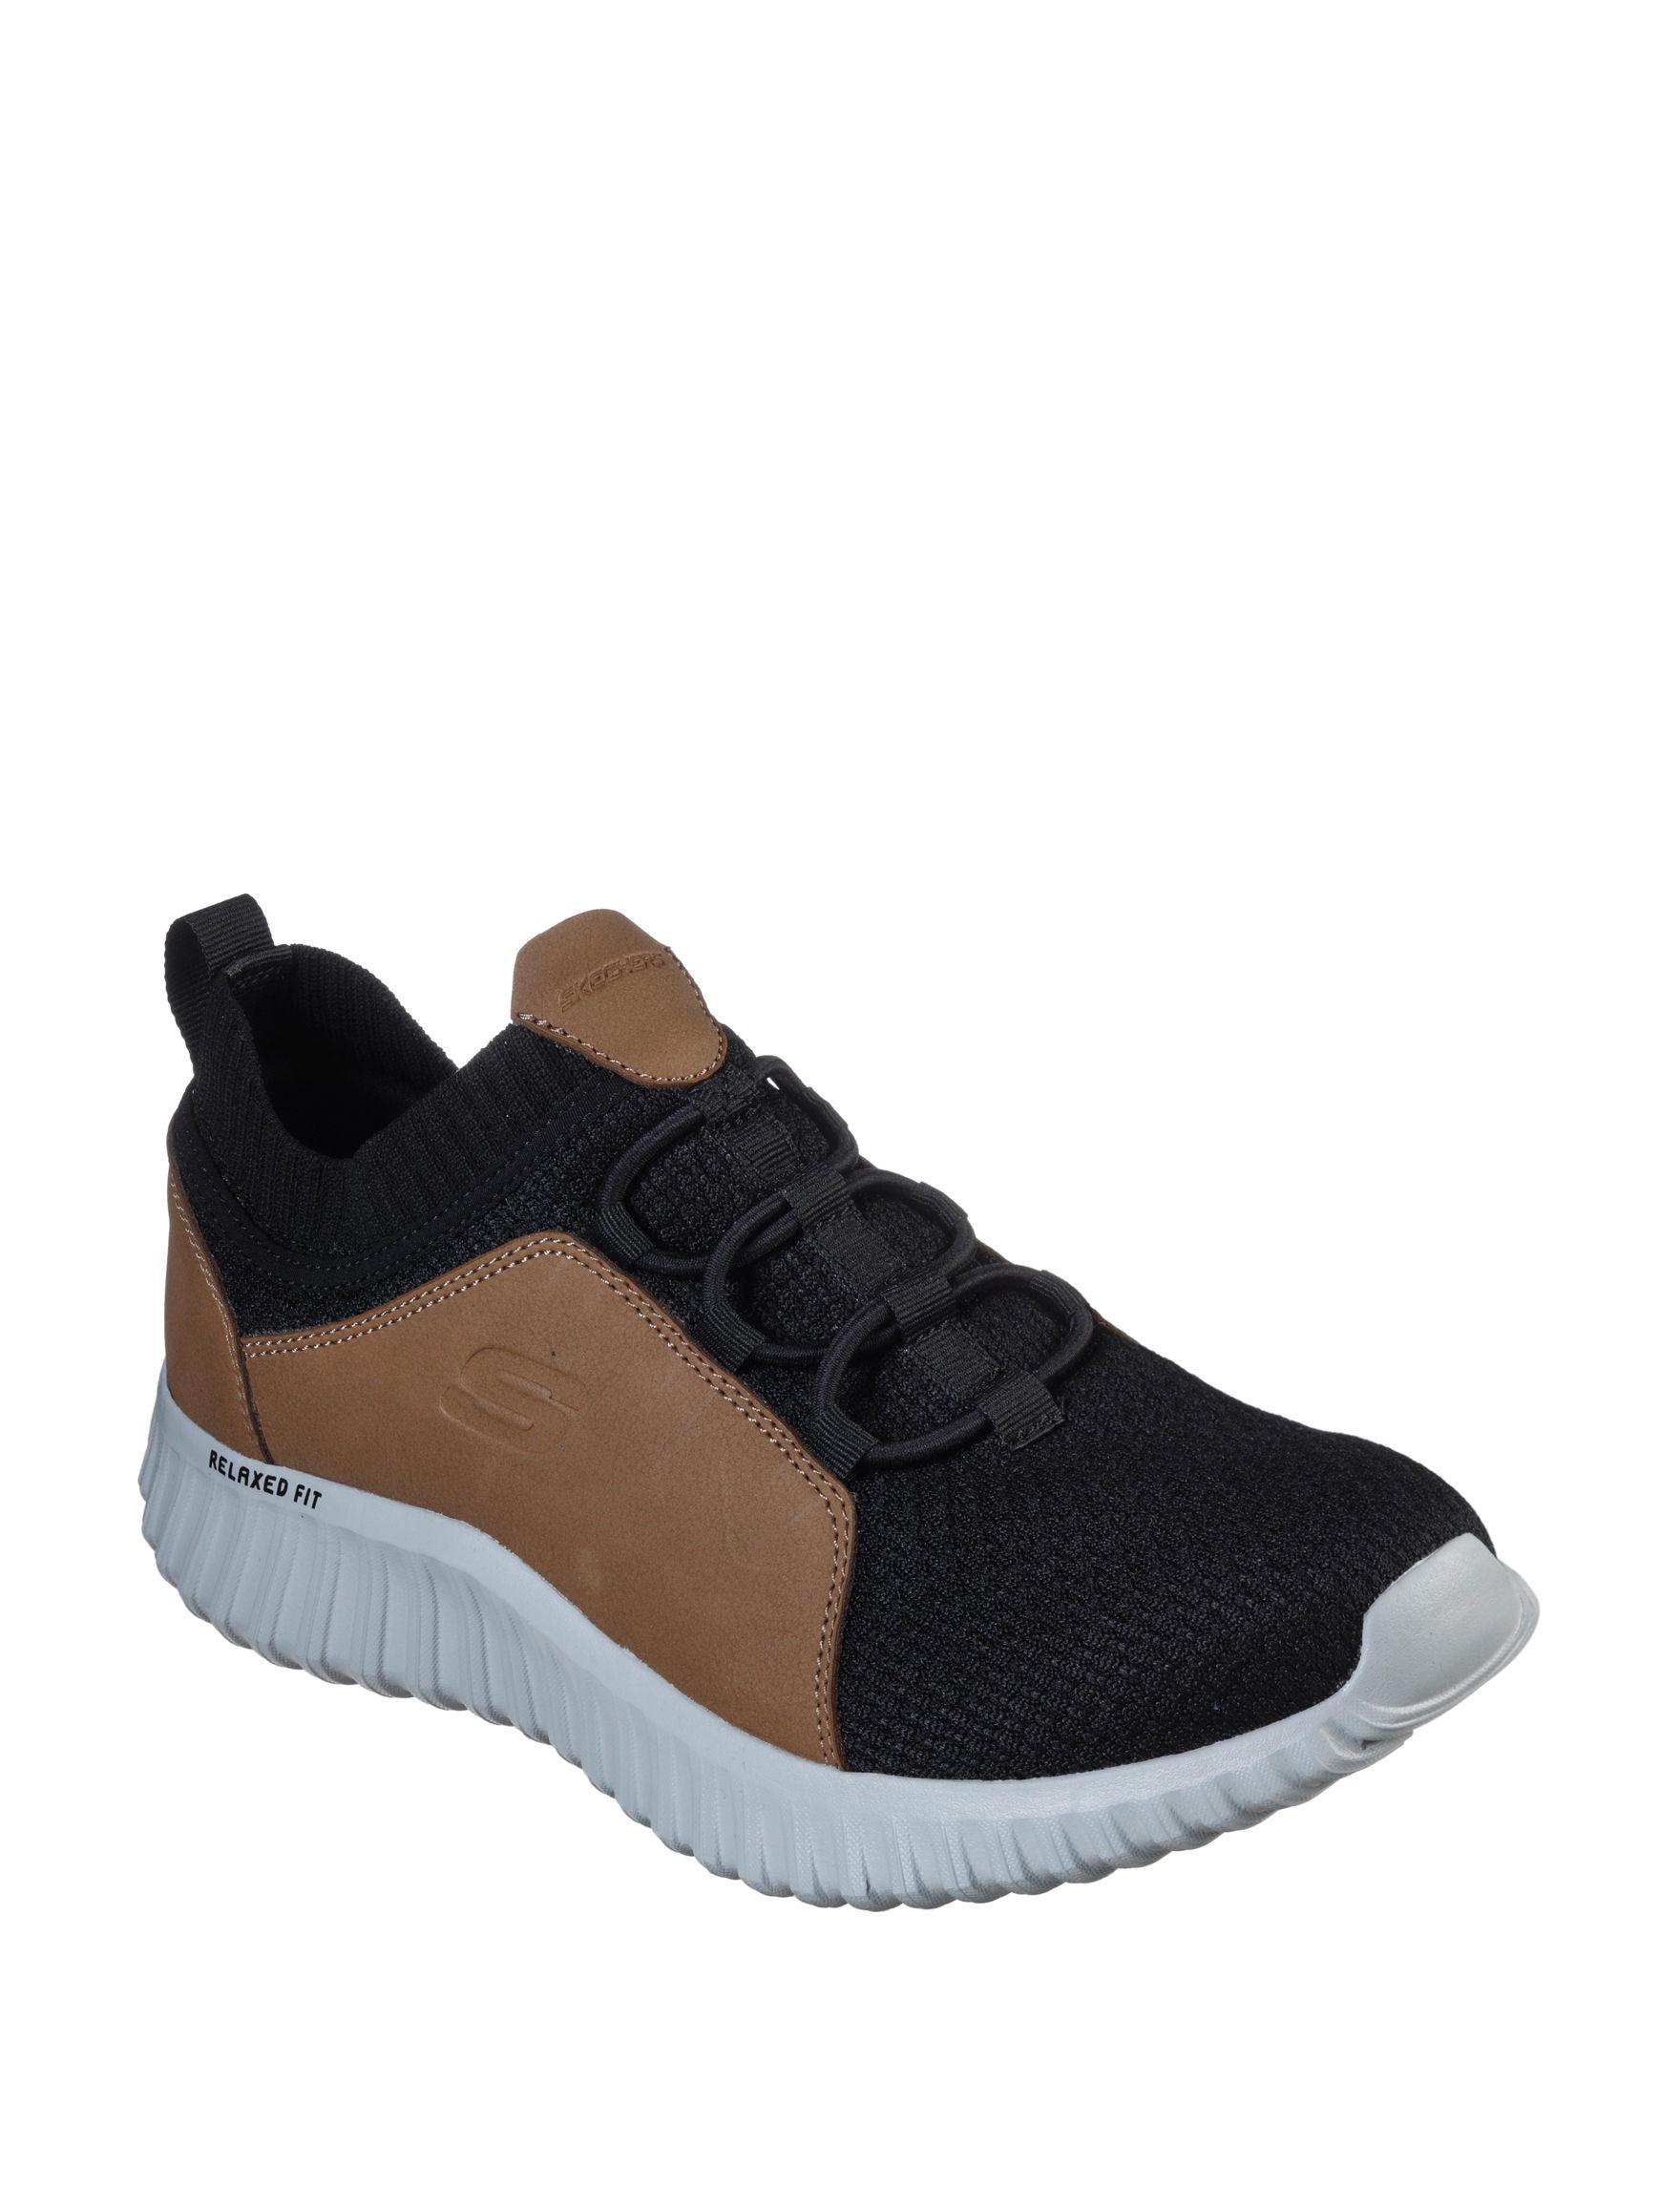 Skechers Black / Brown